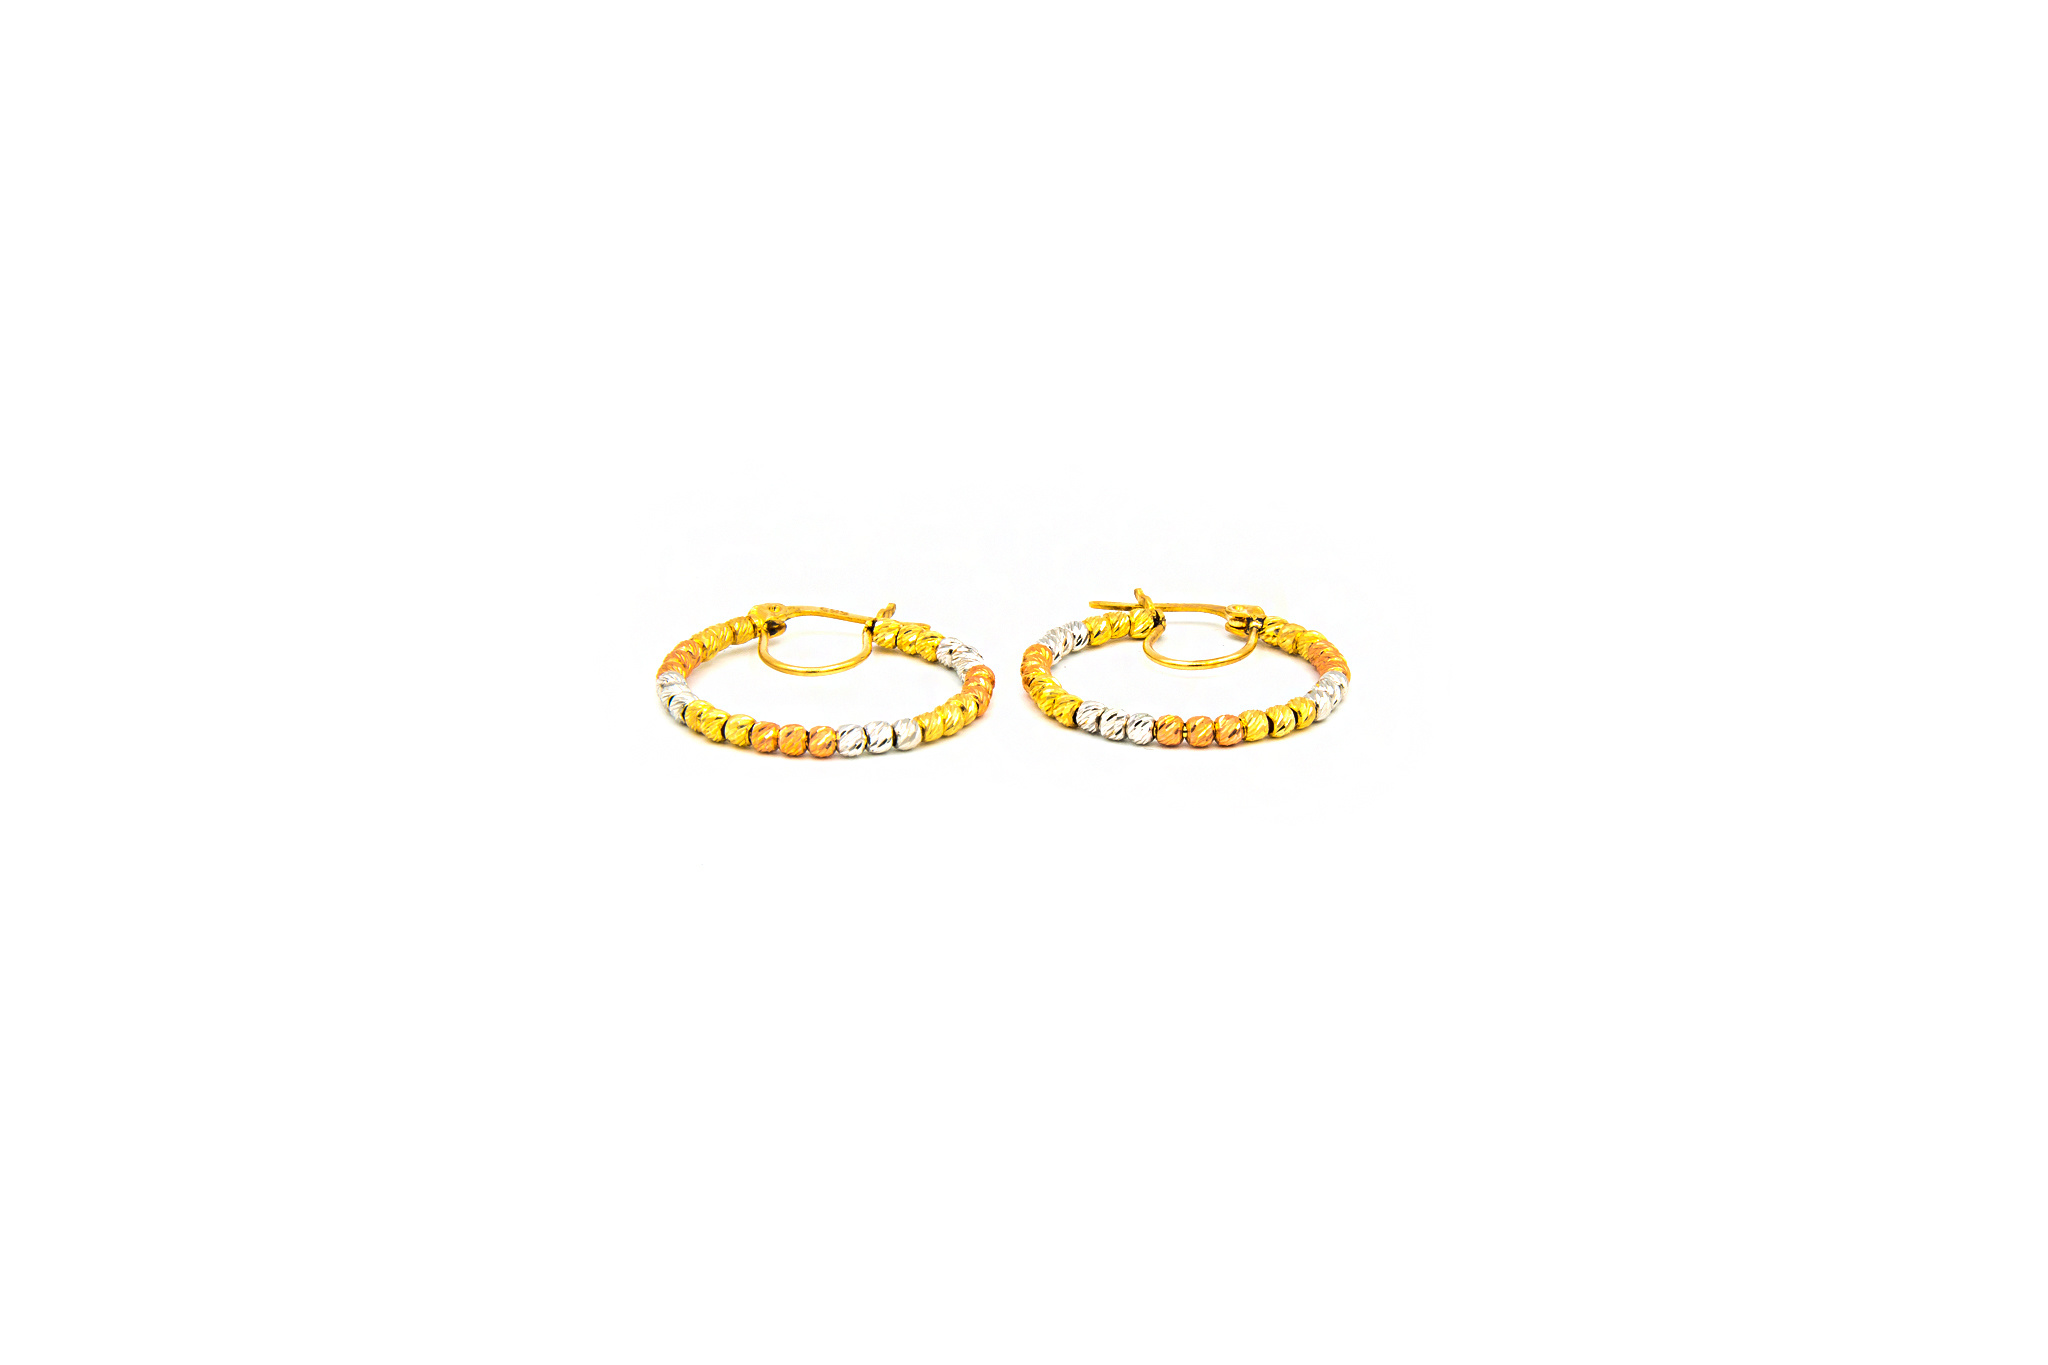 Oorbellen creolen tricolor gediamanteerde creolen large-1